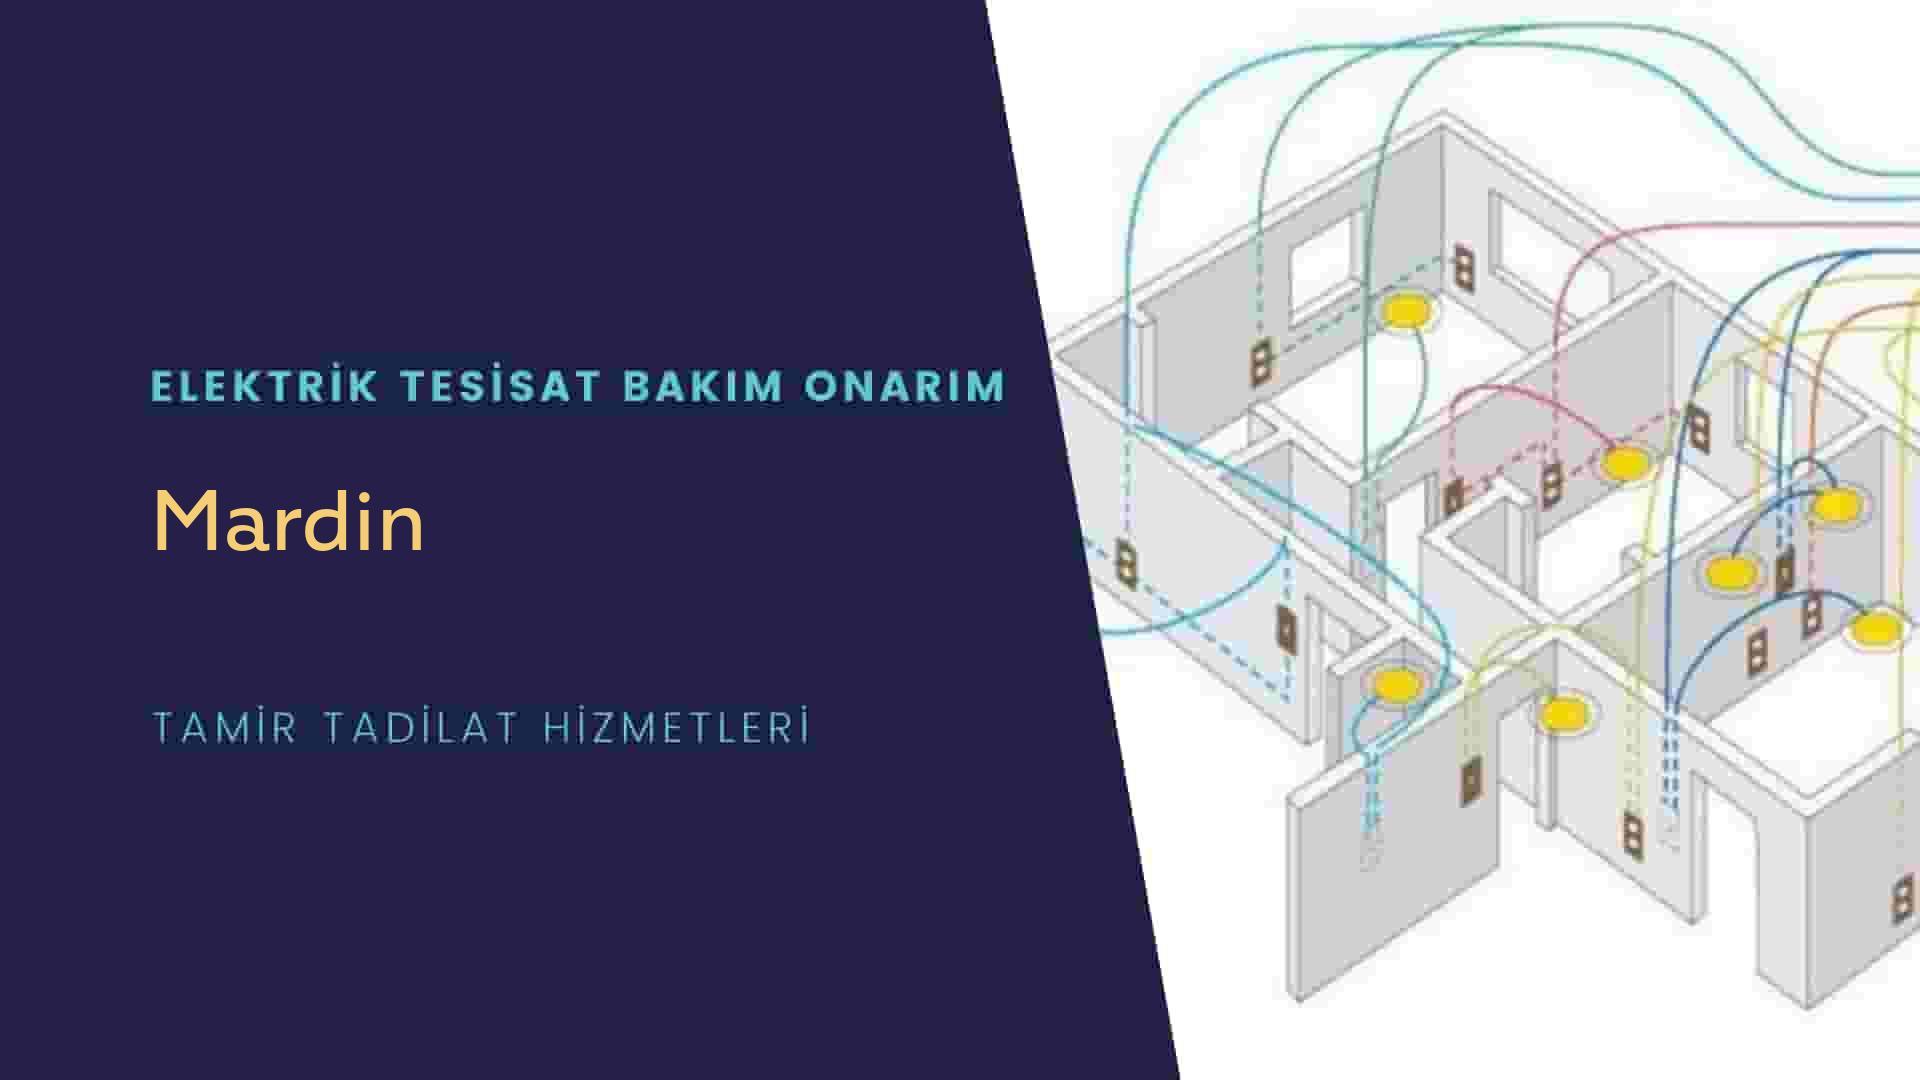 Mardin'de elektrik tesisatıustalarımı arıyorsunuz doğru adrestenizi Mardin elektrik tesisatı ustalarımız 7/24 sizlere hizmet vermekten mutluluk duyar.